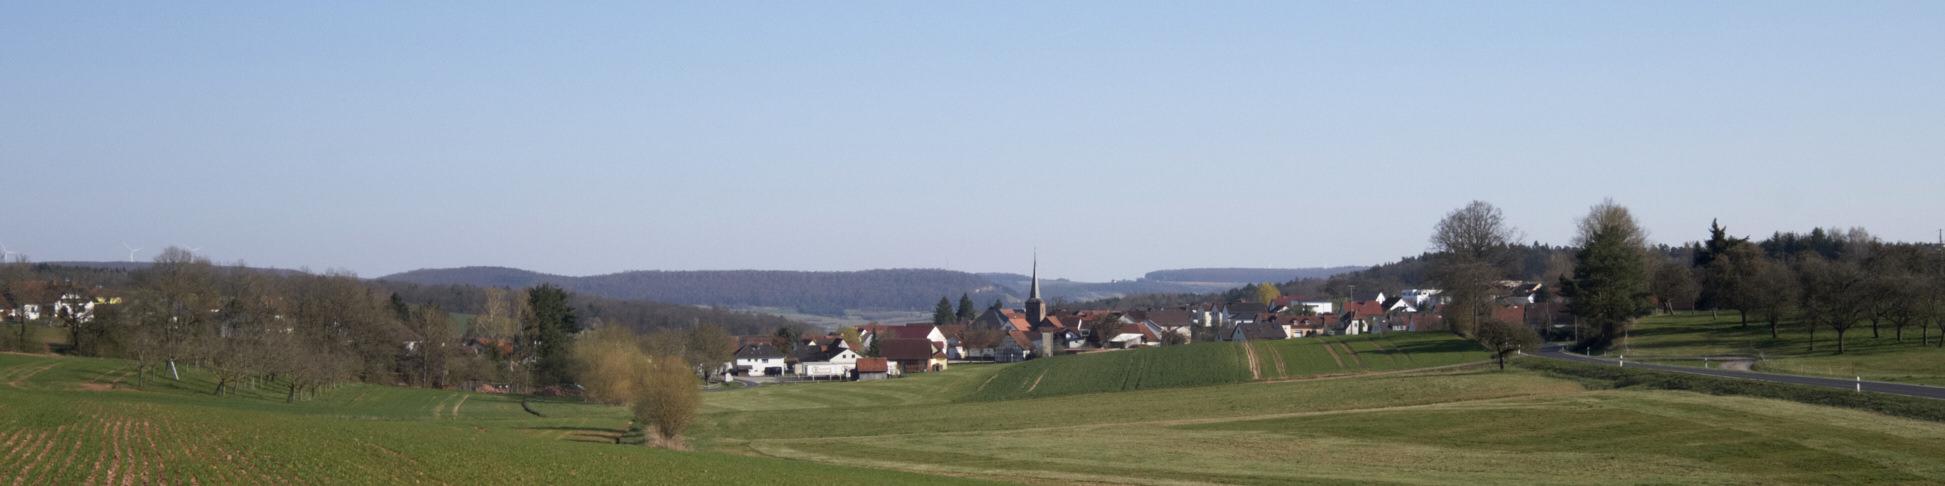 Wittershausen - Fuersauge.com